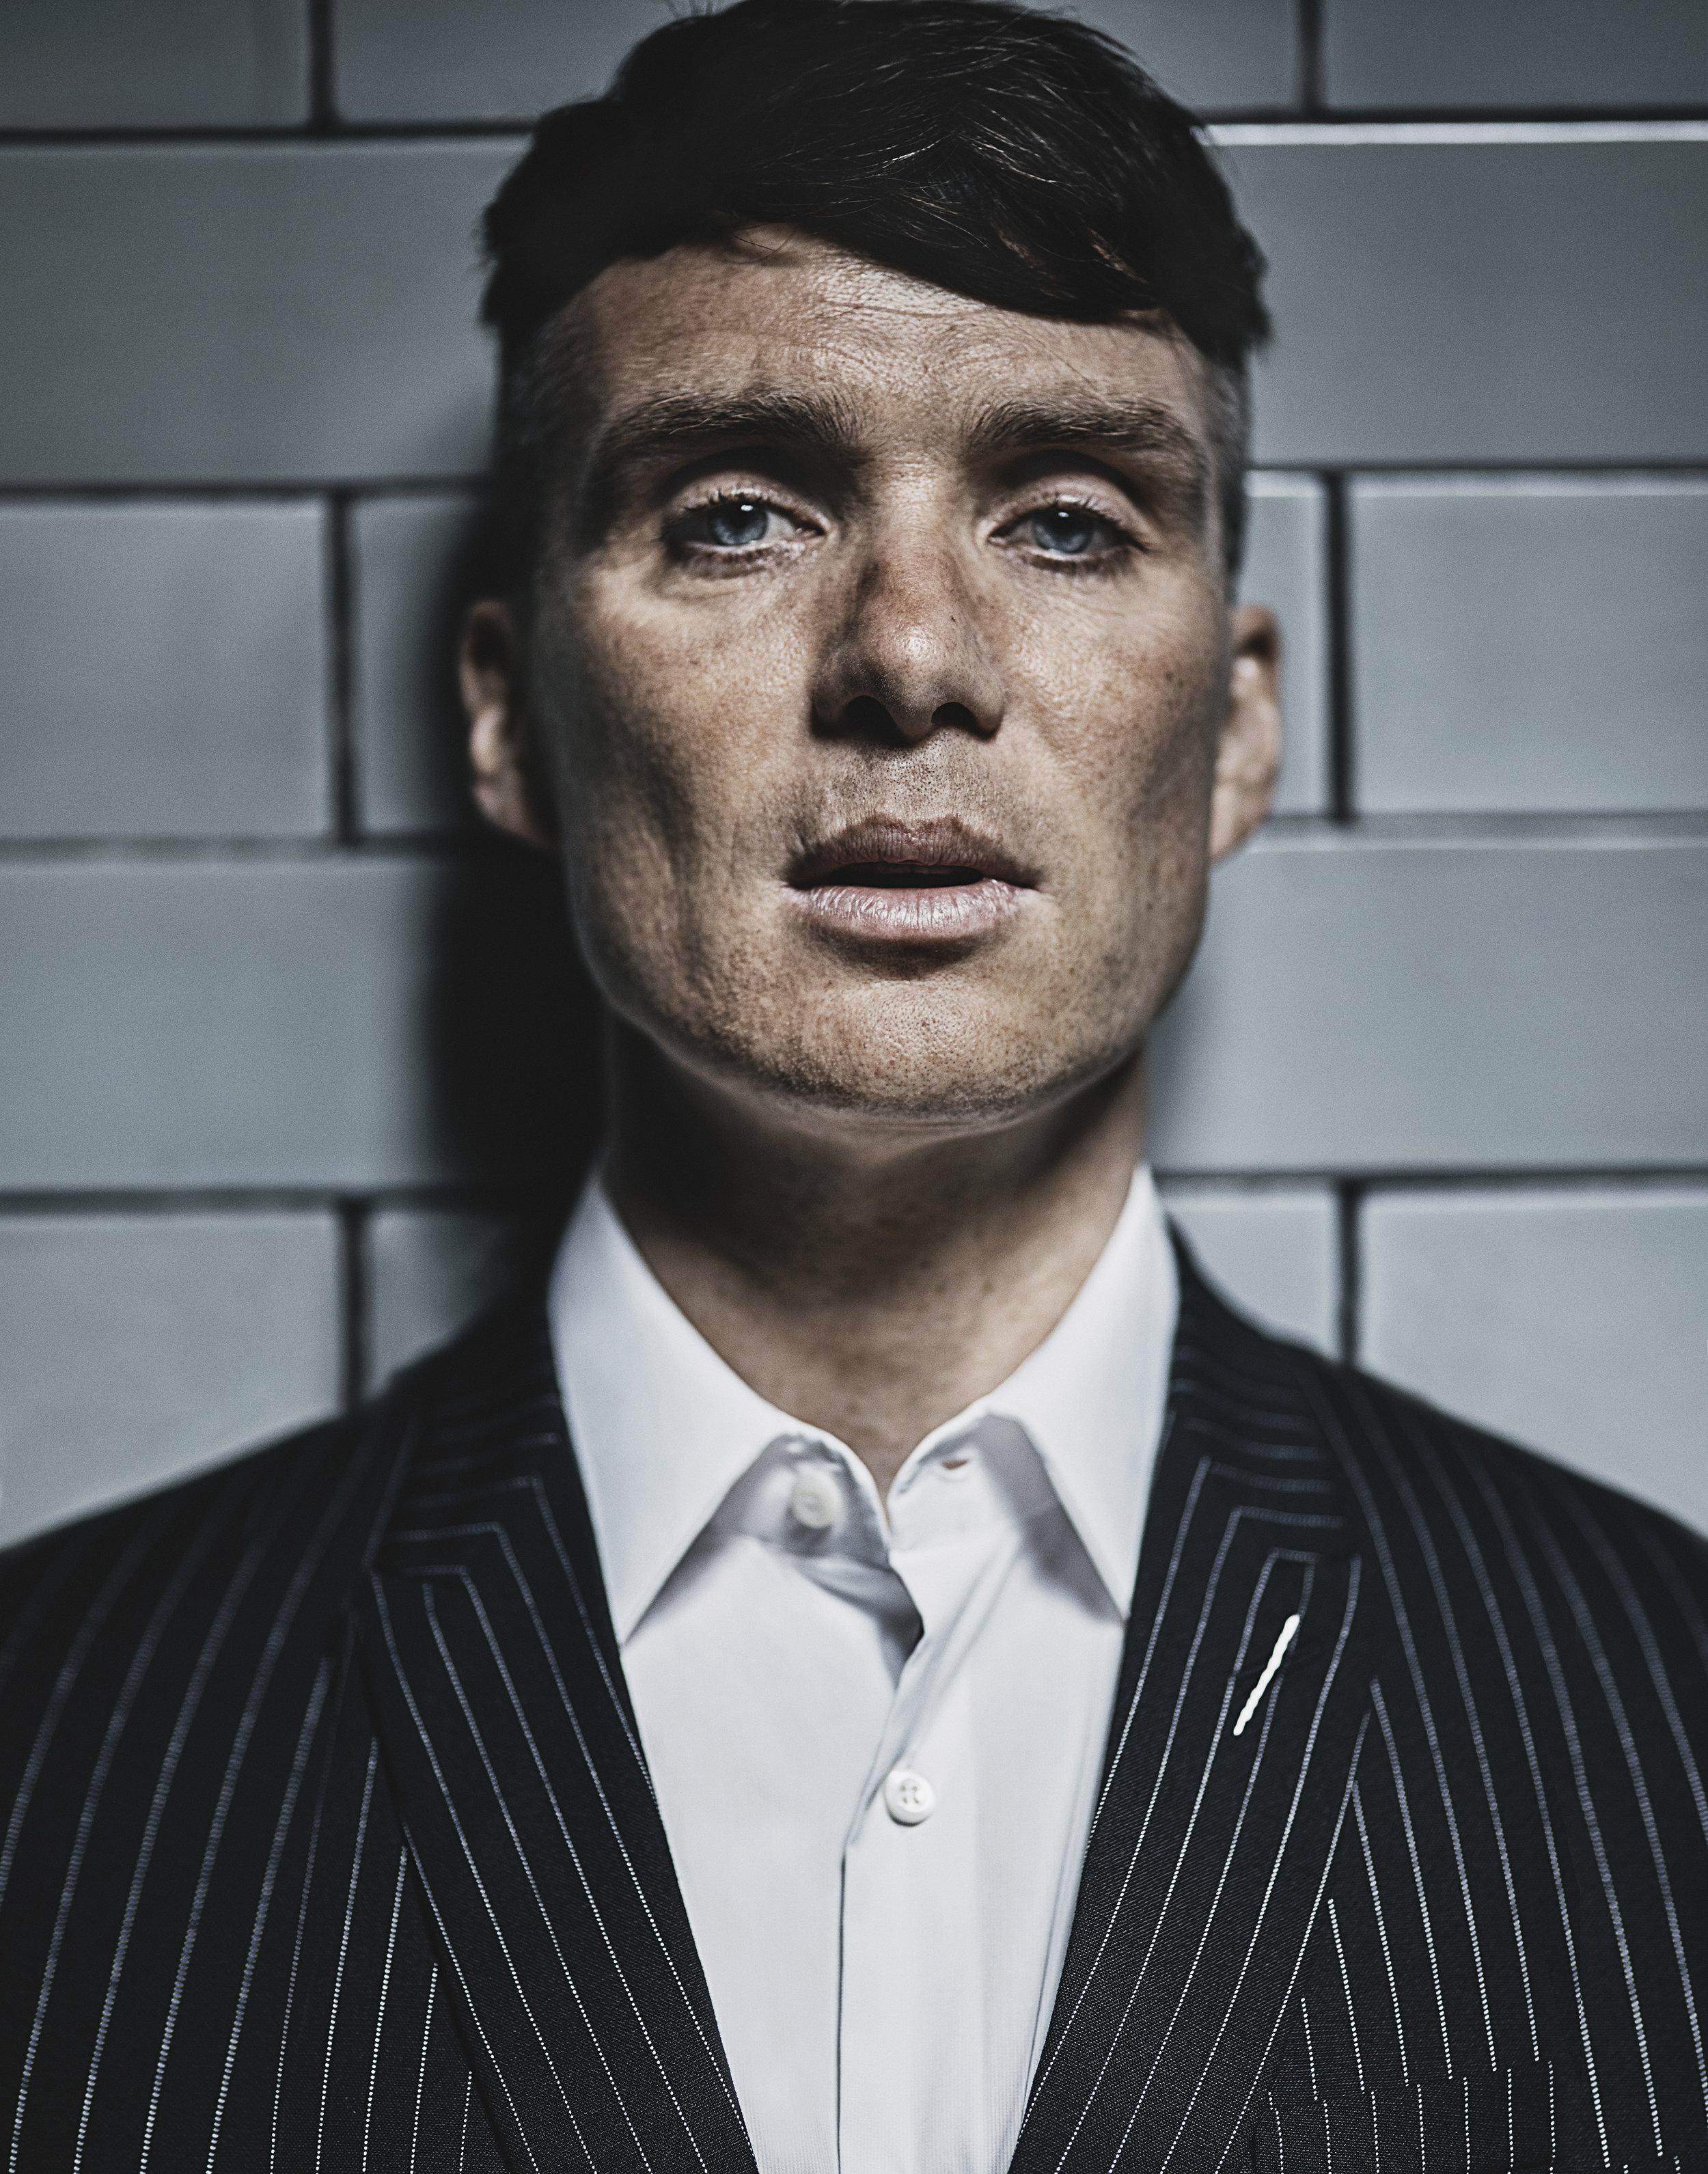 Cillian Murphy, Actor